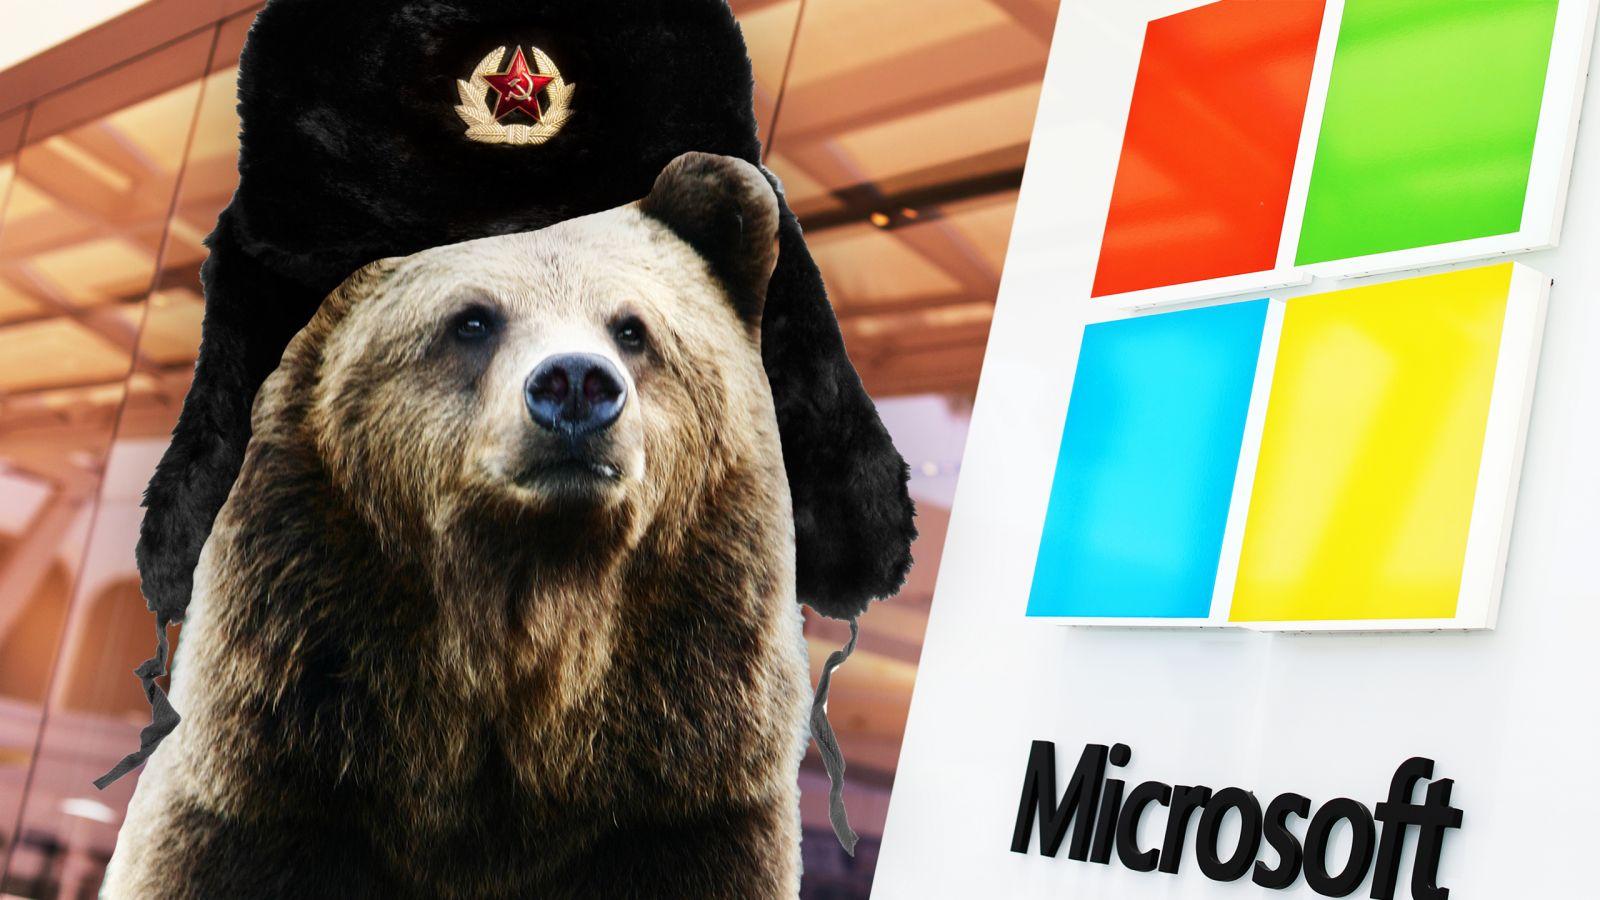 Российские хакеры опять пытаются повлиять на выборы в США, – Microsoft